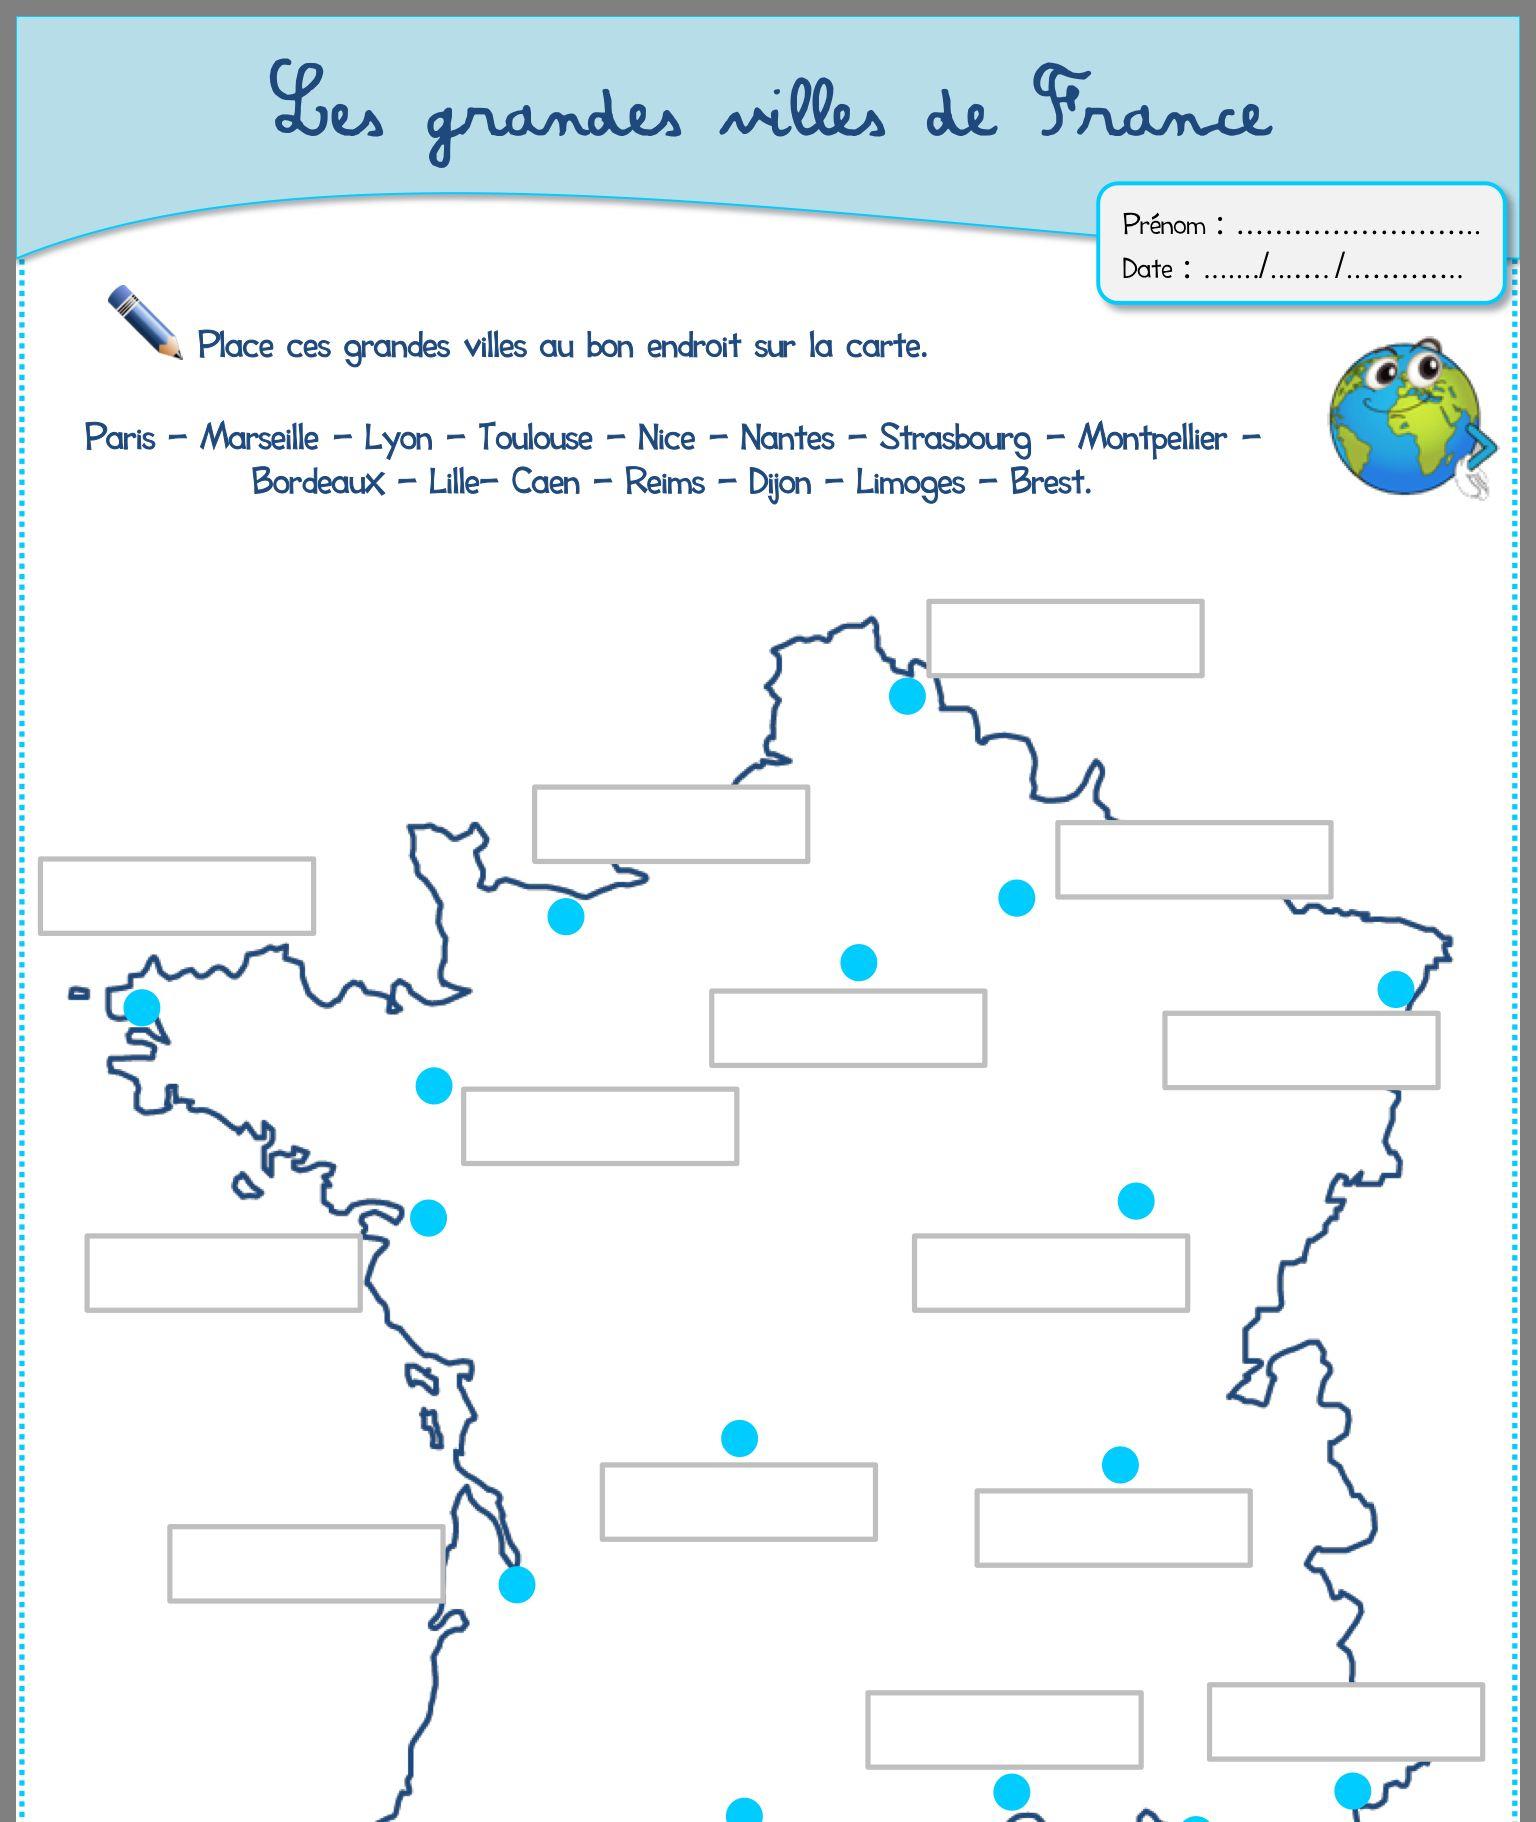 Les Grandes Villes En France | Ville France, Géographie encequiconcerne Frise Chronologique Vierge Ce1